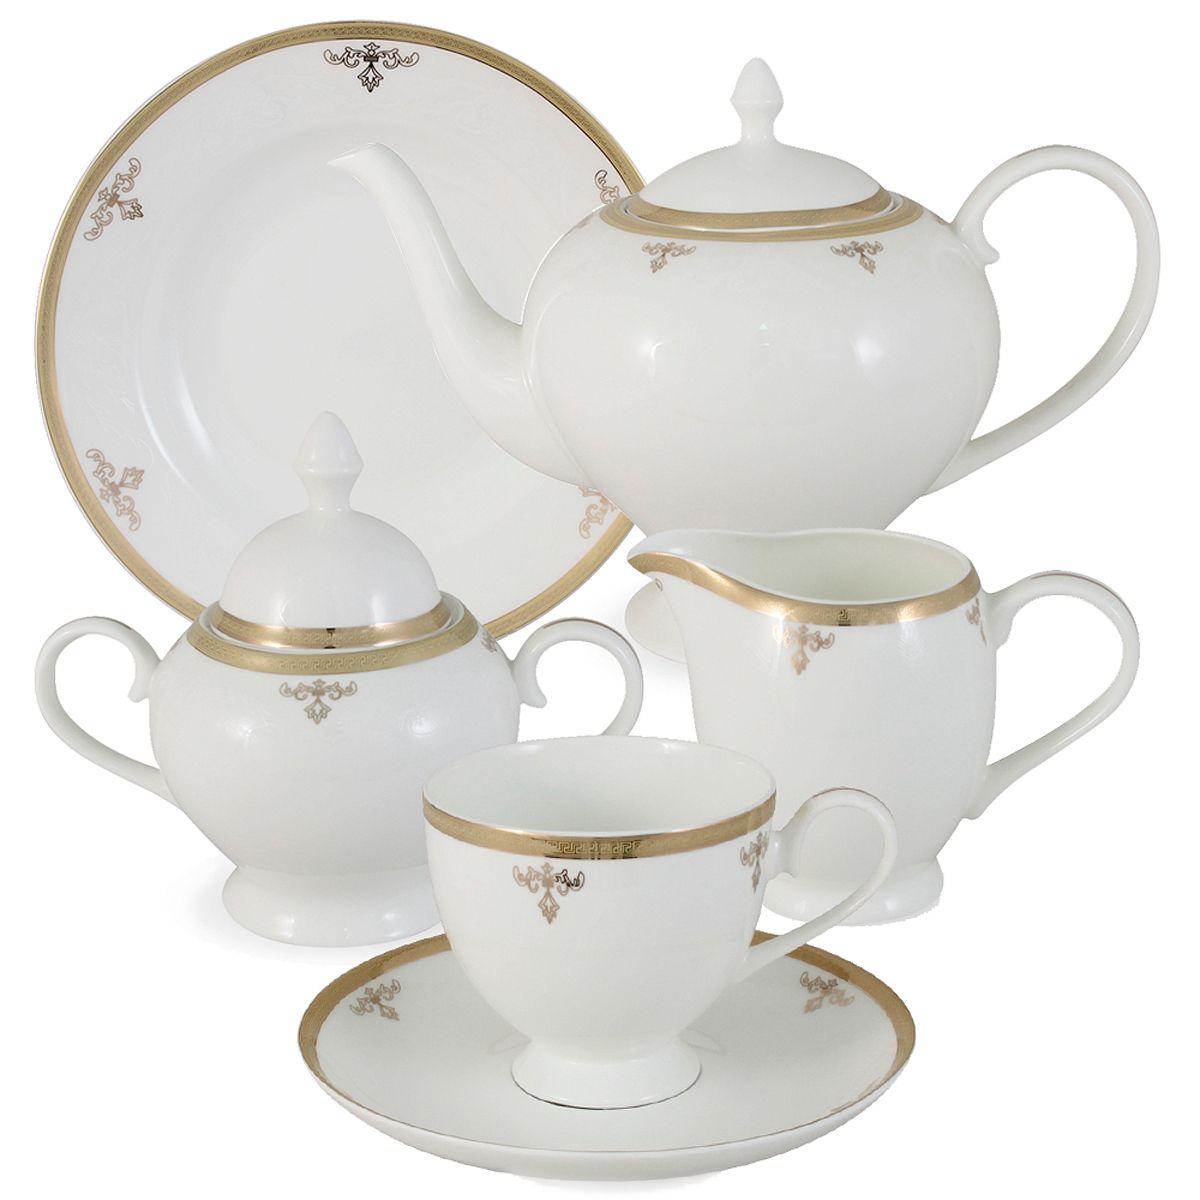 Чайный сервиз Ампир 21 предмет на 6 персон. E5-09-24/21-ALE5-09-24/21-ALЧайная и обеденная столовая посуда торговой марки Emerald произведена из высококачественного костяного фарфора. Благодаря высокому качеству исполнения, разнообразным декорам и оптимальному соотношению цена – качество, посуда Emerald завоевала огромную популярность у покупателей и пользуется неизменно высоким спросом. Поверхность изделий покрыта превосходной сверкающей глазурью, не содержащей свинца.